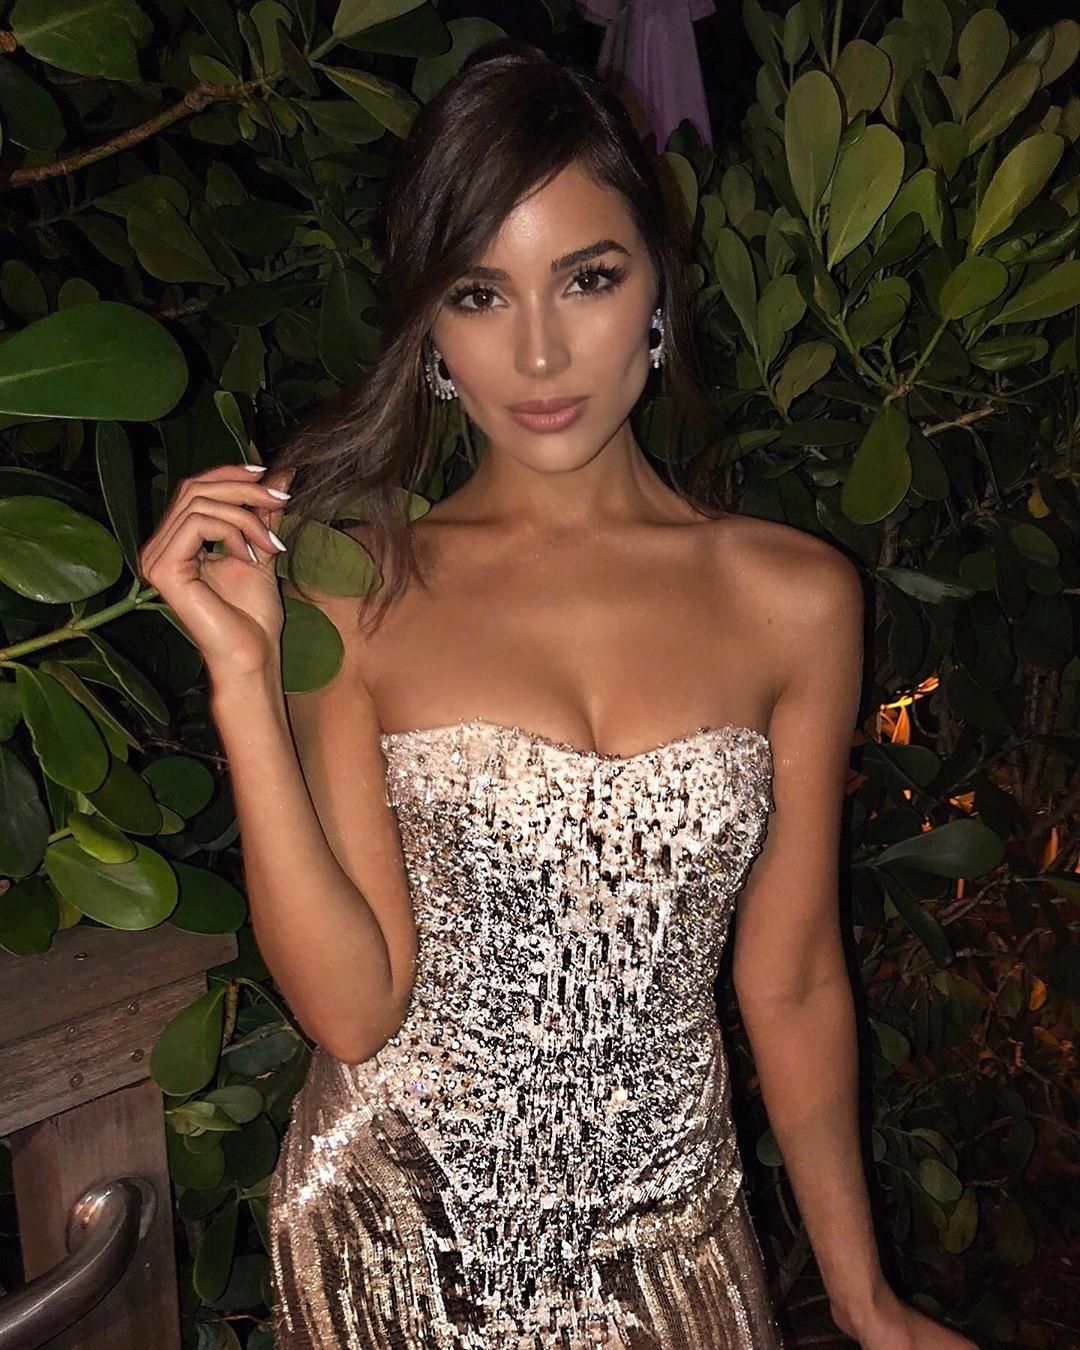 Hoa hậu Hoàn vũ Olivia Culpo gợi cảm với đầm ngắn lấp lánh Ảnh 3